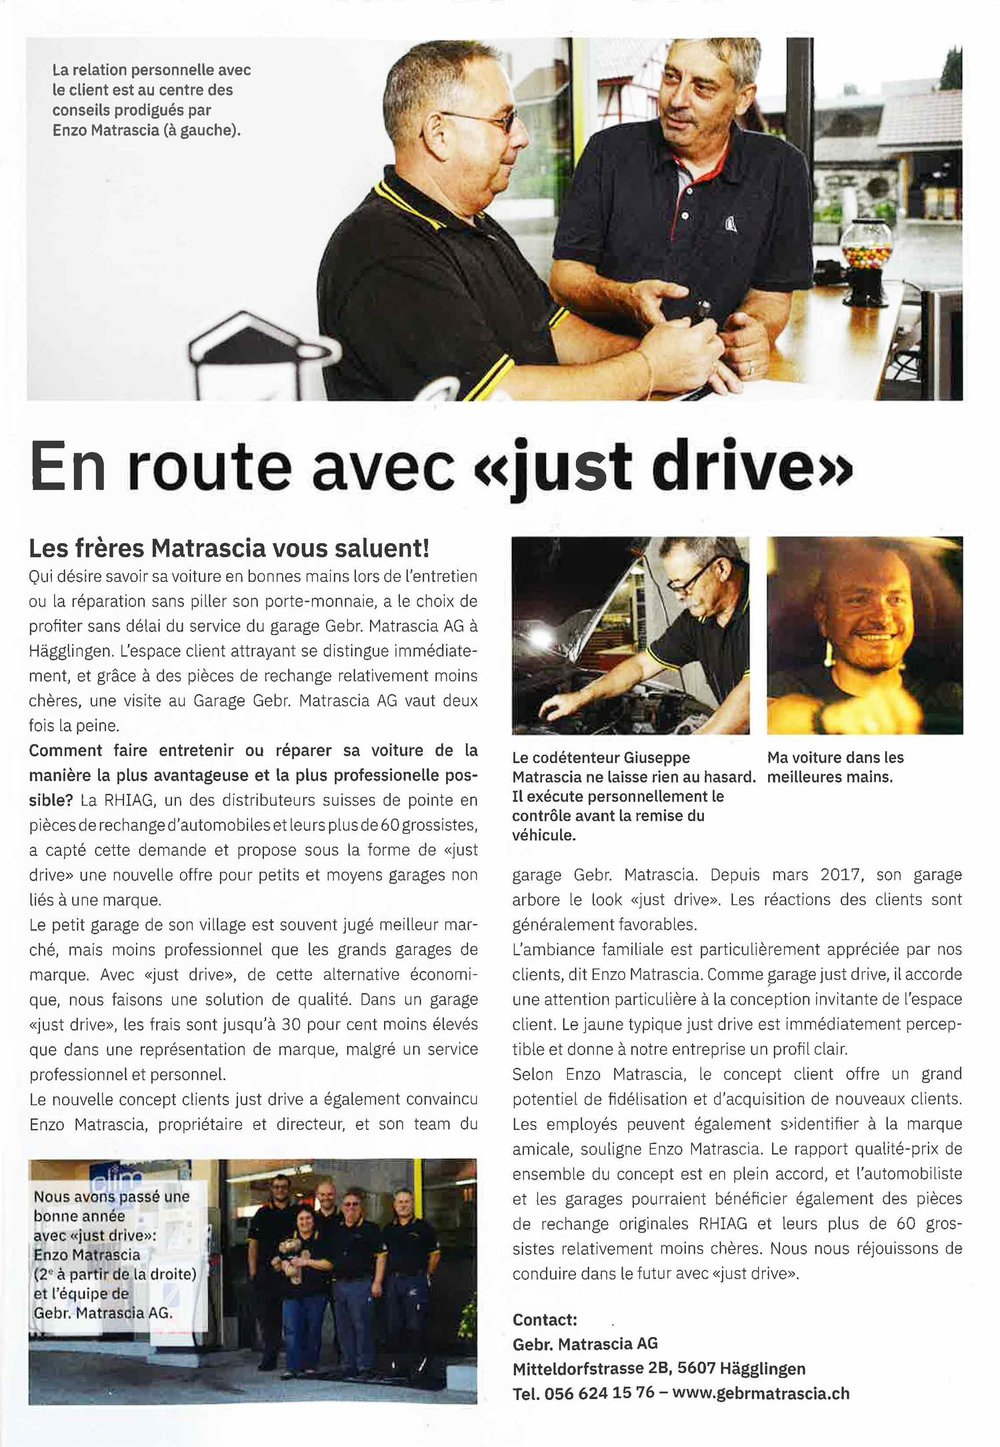 F8_just drive_Auto_Illustre_matrascia_mai2018_FR.jpg